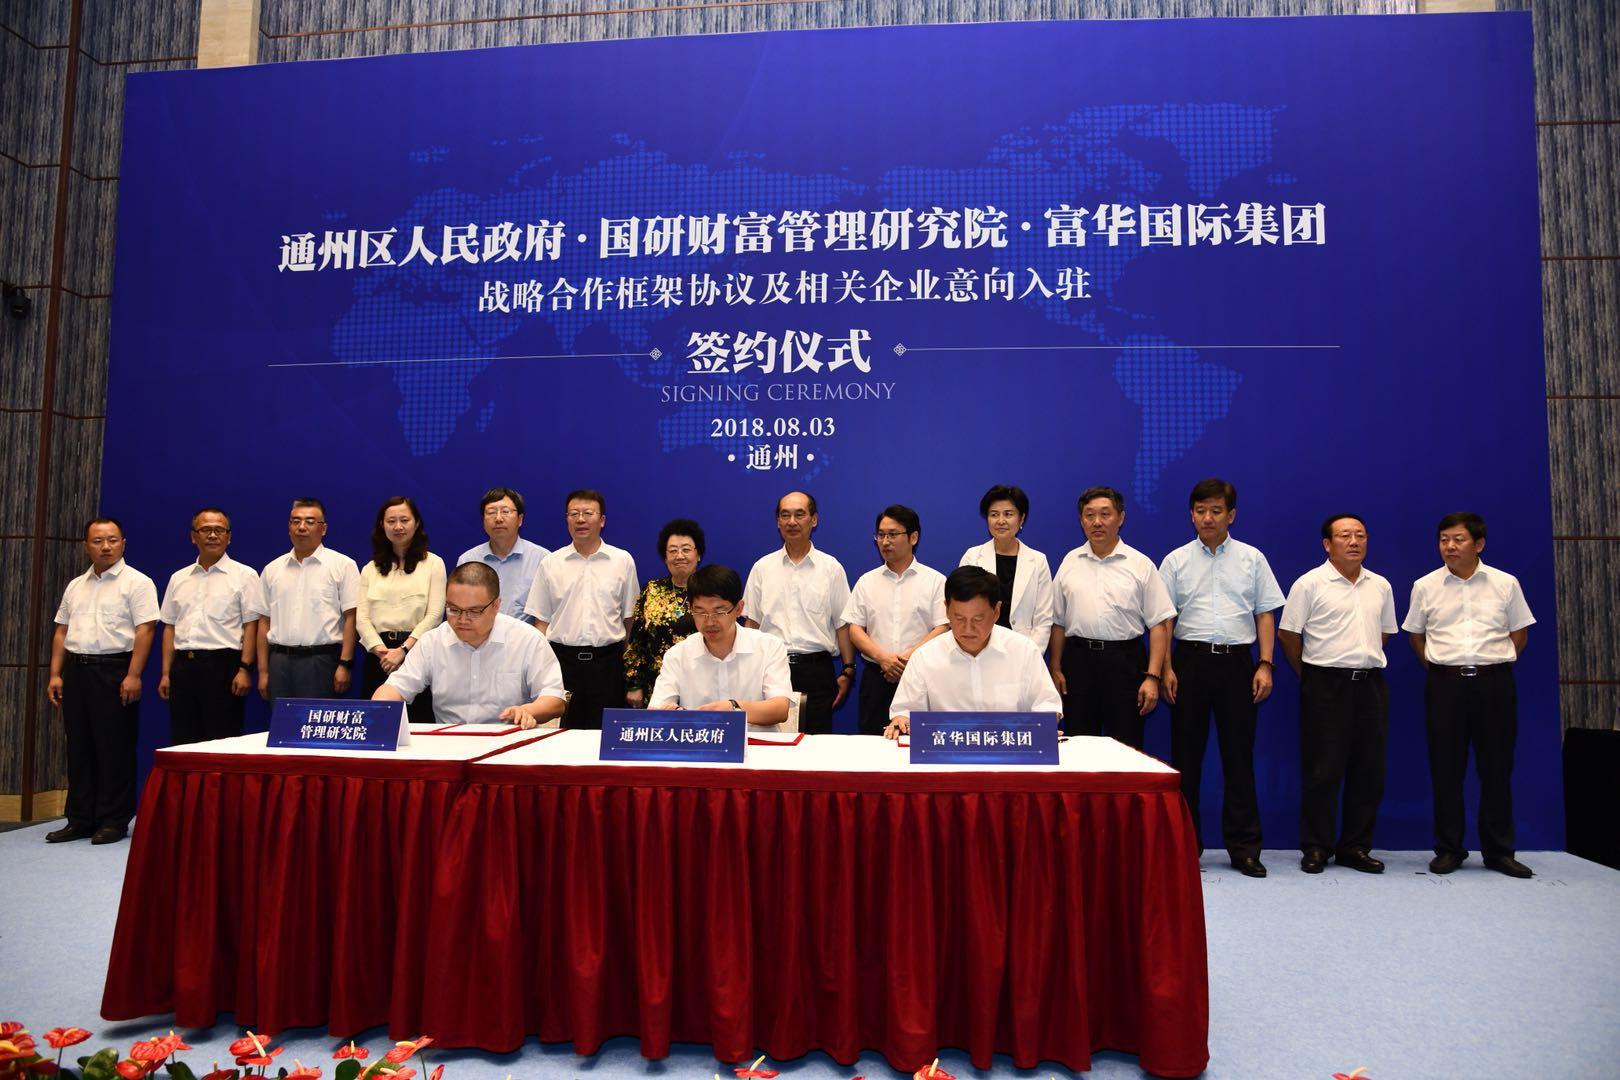 北京通州区政府,国研财富管理研究院,富华国际集团签署战略合作框架